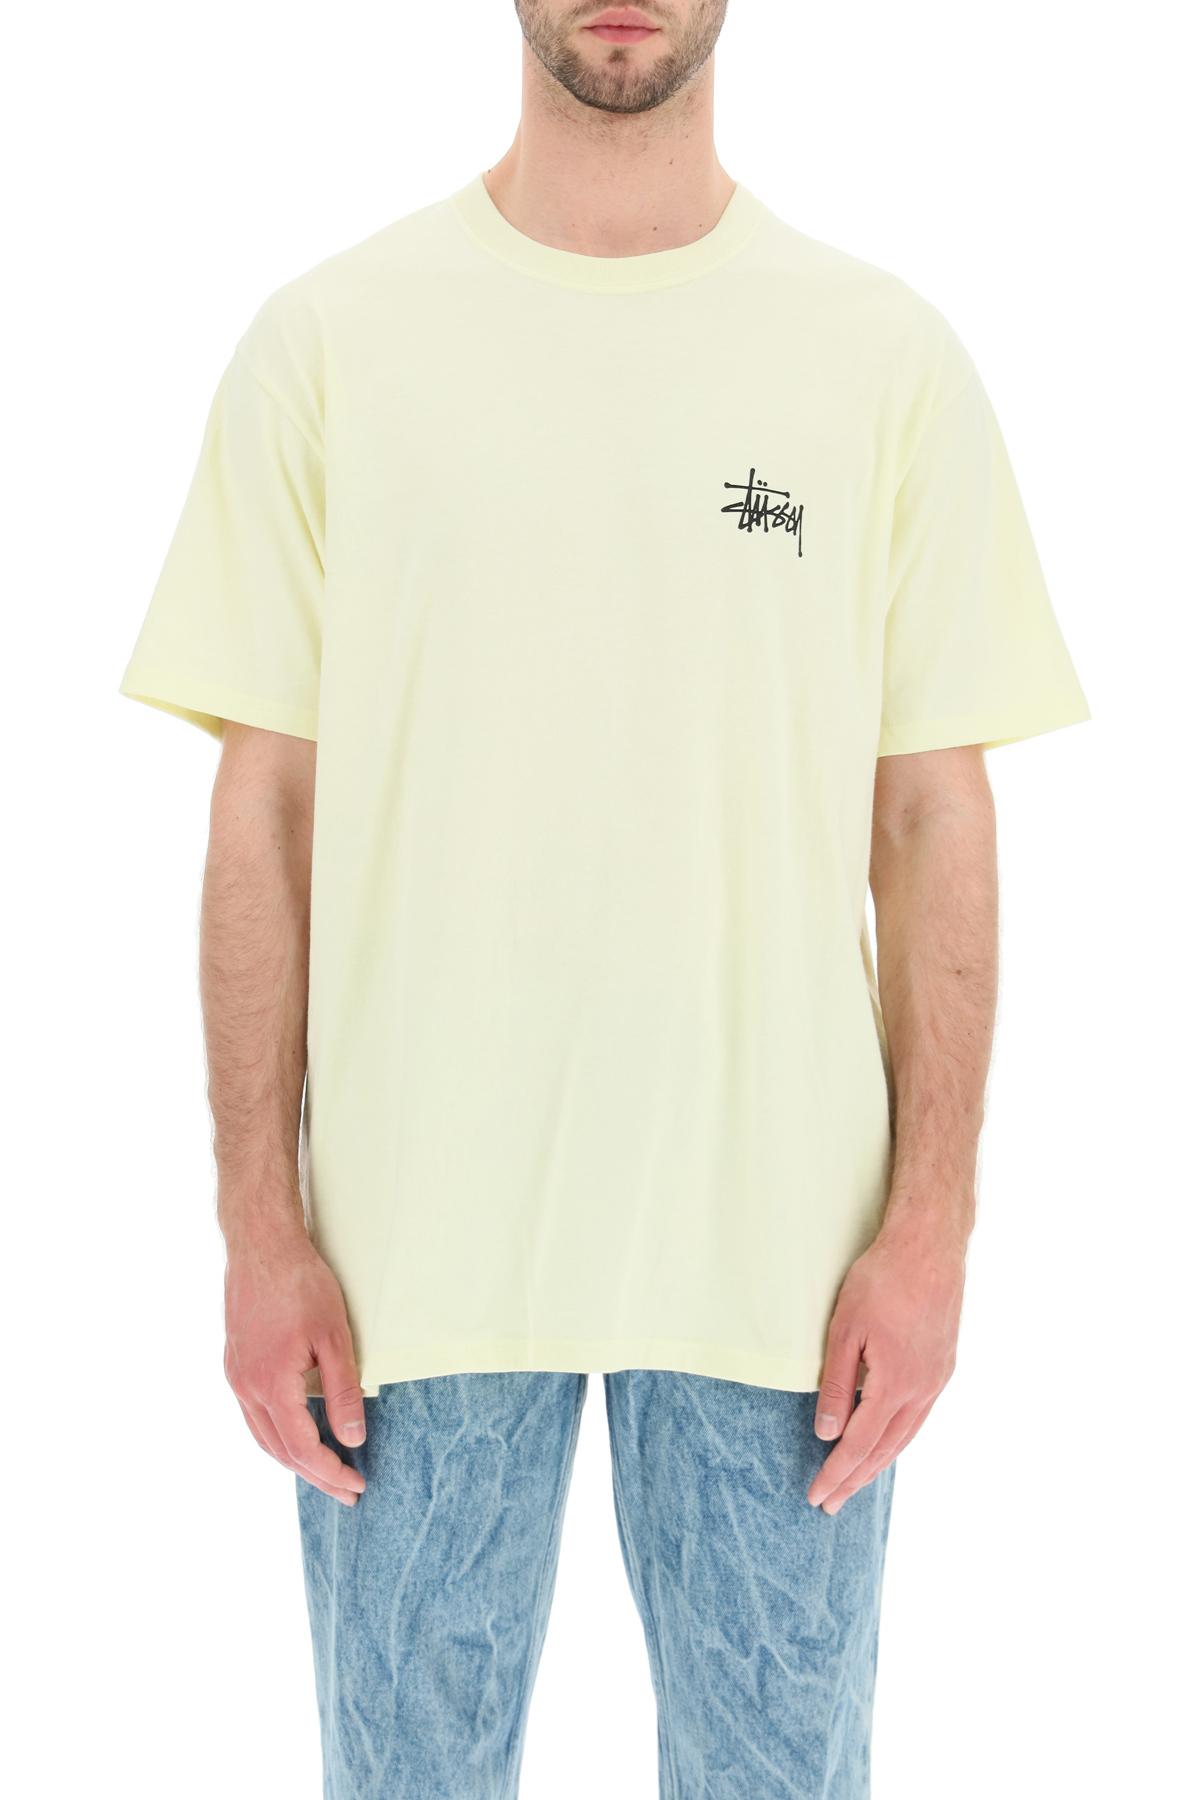 Stussy t-shirt stampa basic stussy